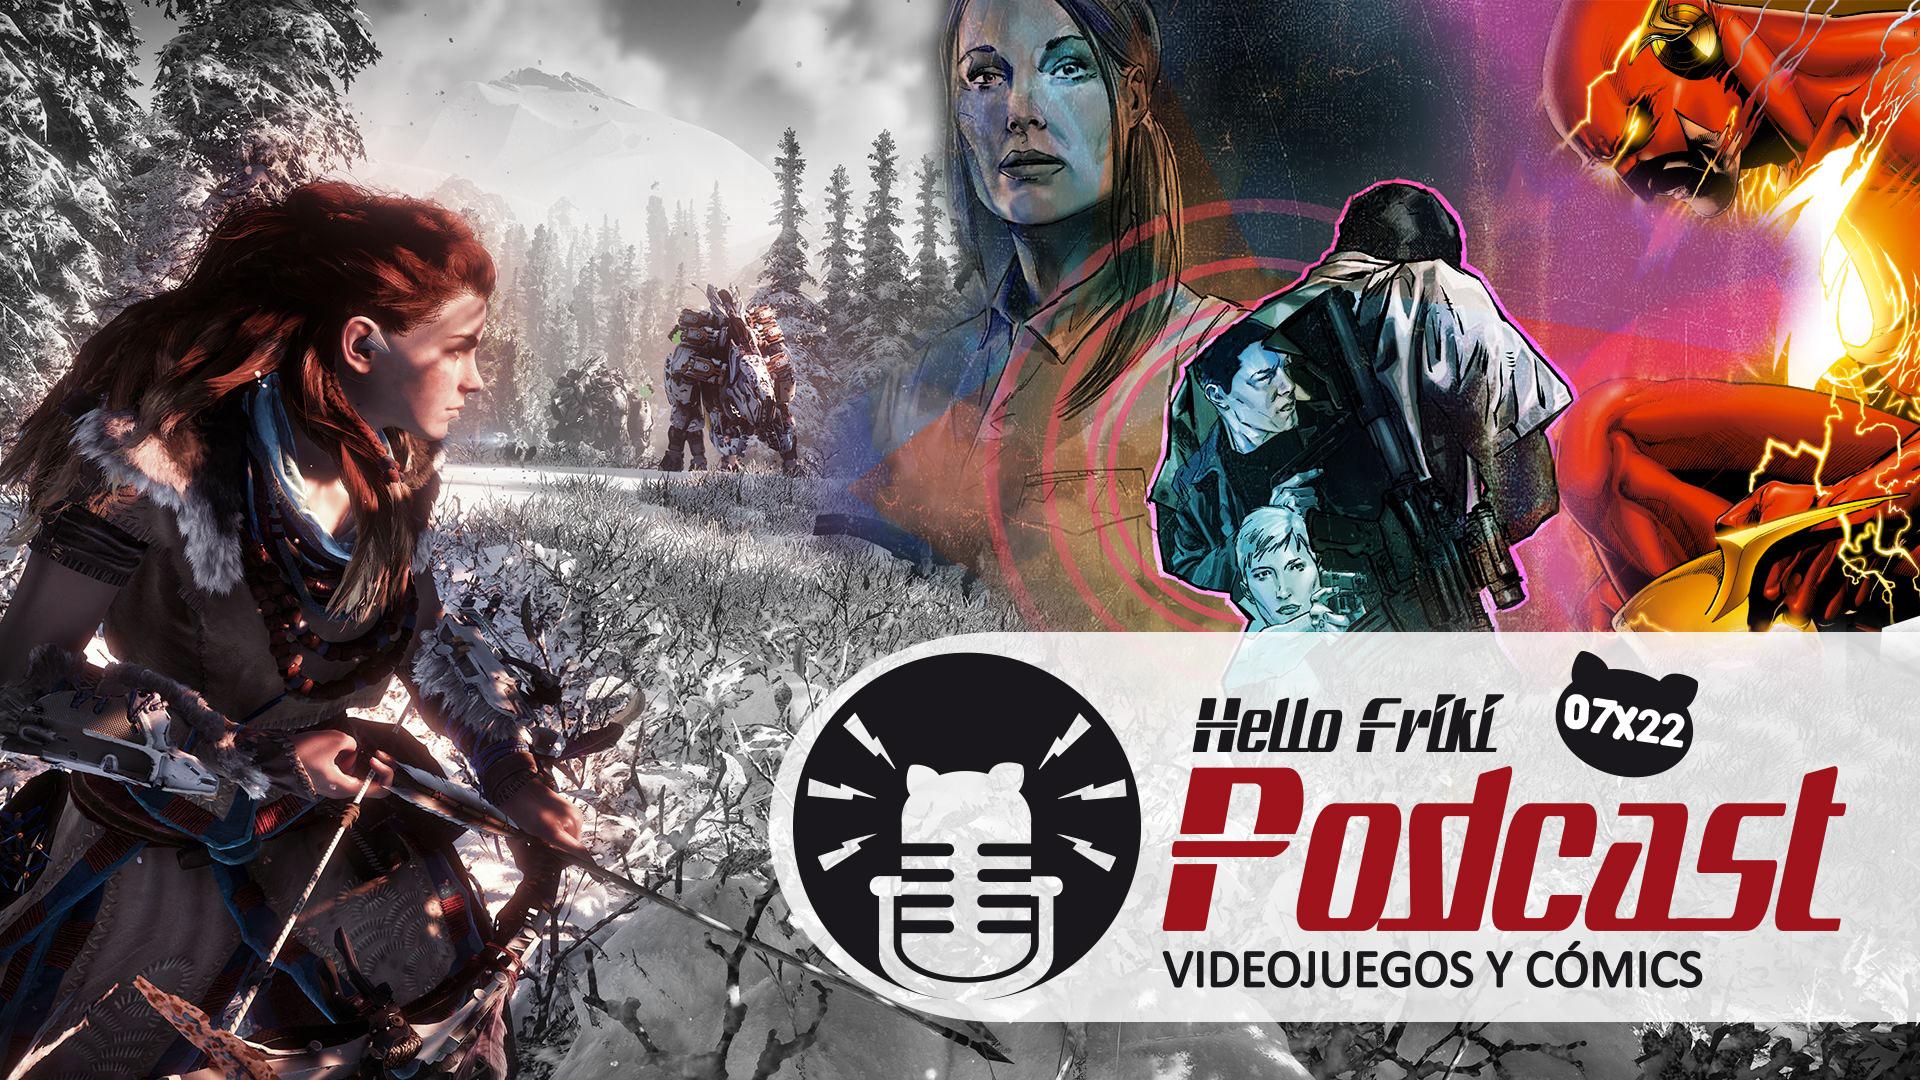 HF 7x22 Videojuegos y Cómics: Horizon Zero Dawn, Briggs Land...